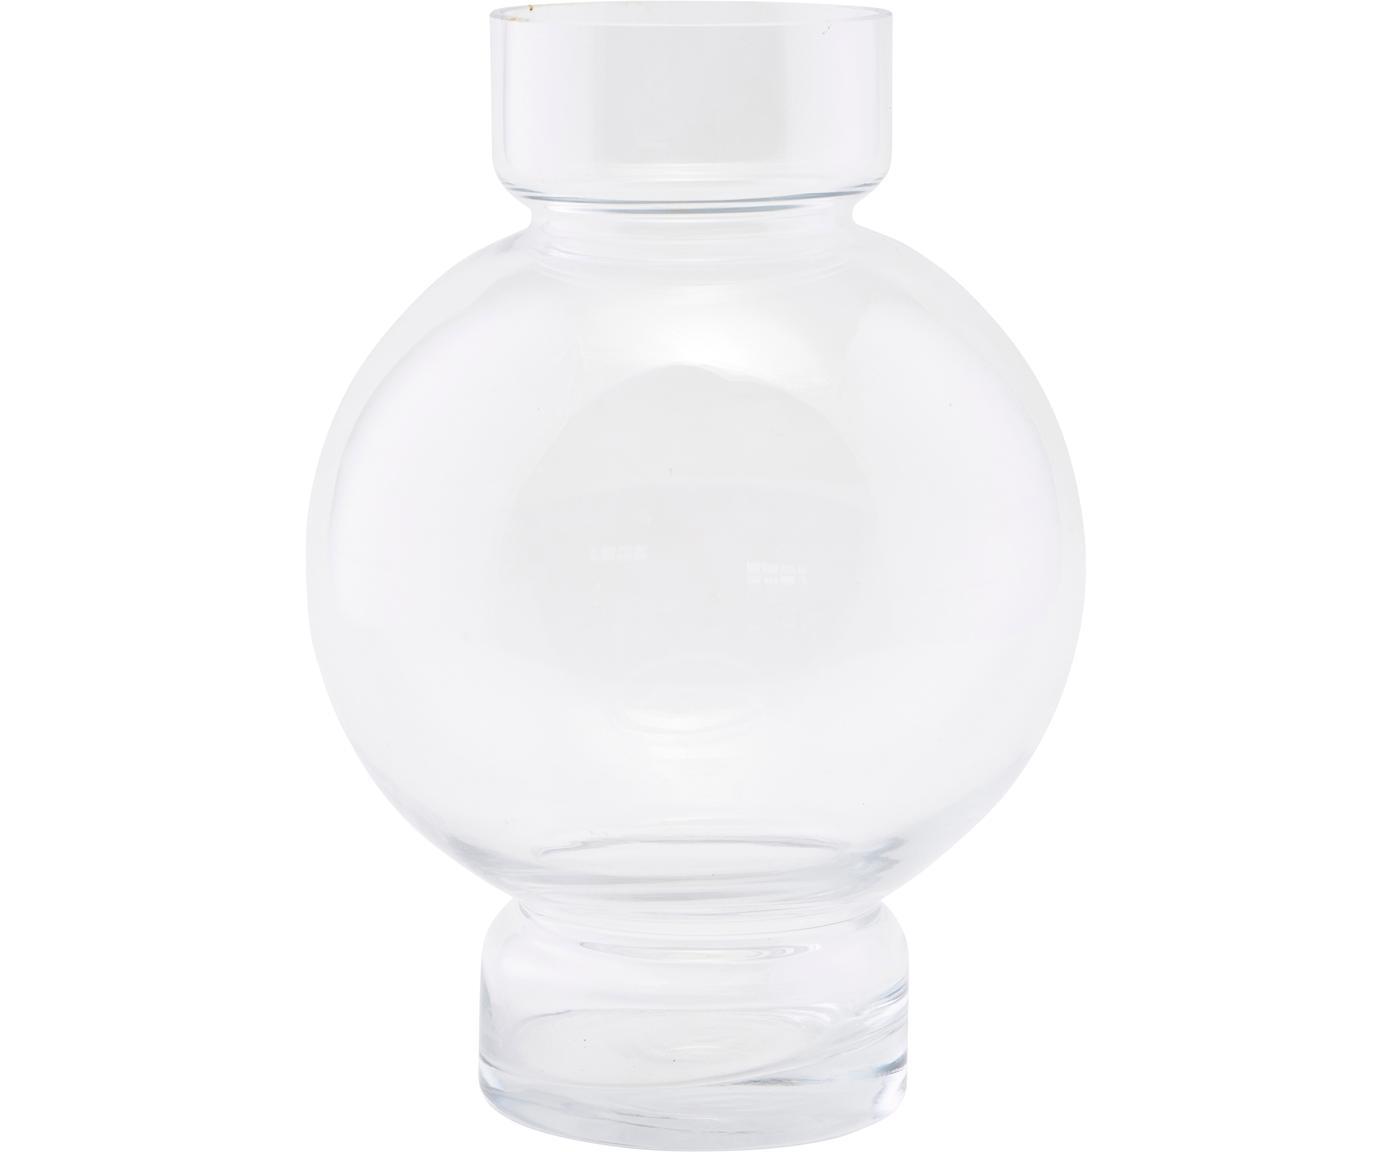 Jarrón de vidrio Bubble, Vidrio, Transparente, Ø 18 x Al 25 cm